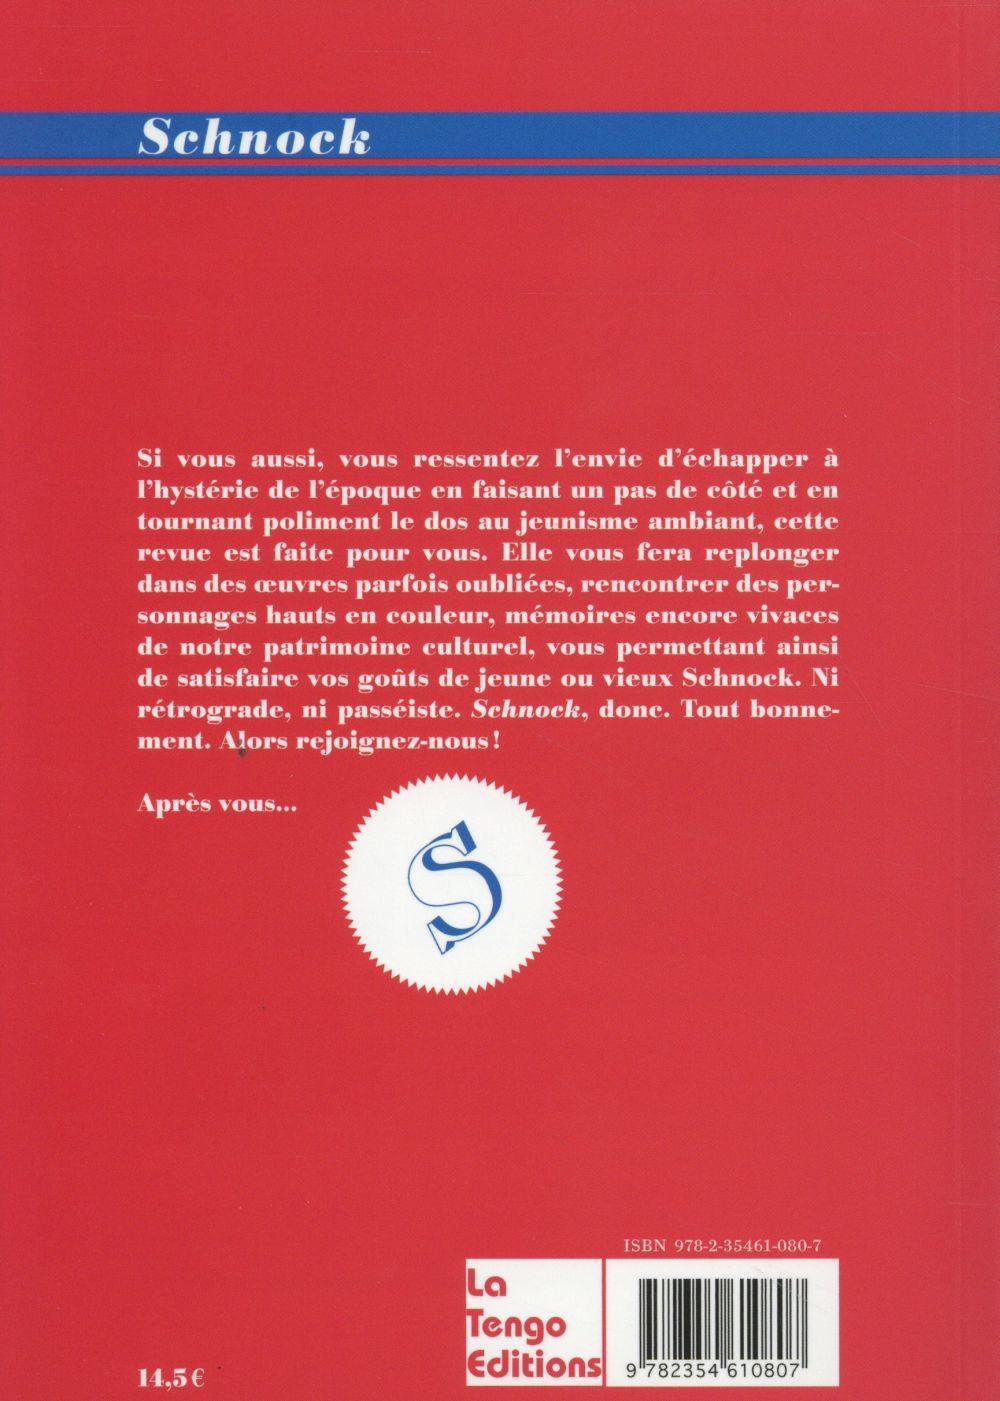 REVUE SCHNOCK n.16 ; Michel Sardou